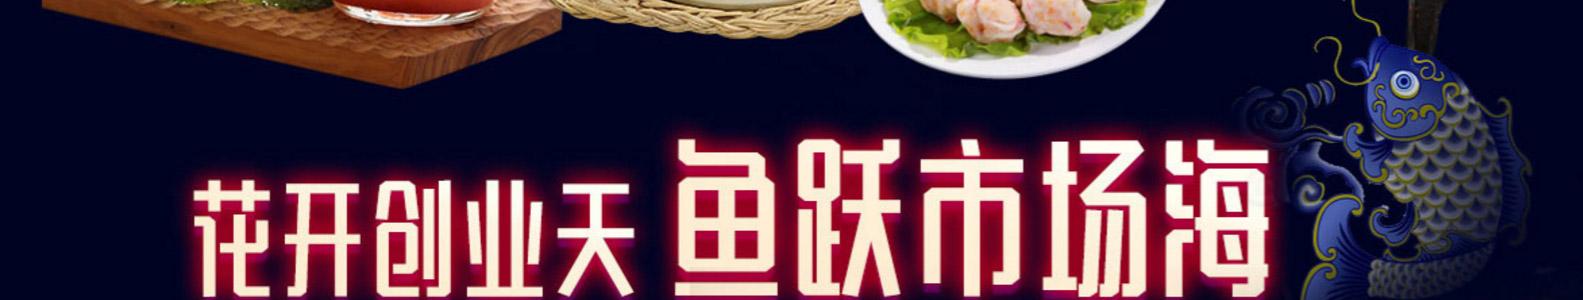 韓魚客烤魚韓魚客烤魚_06